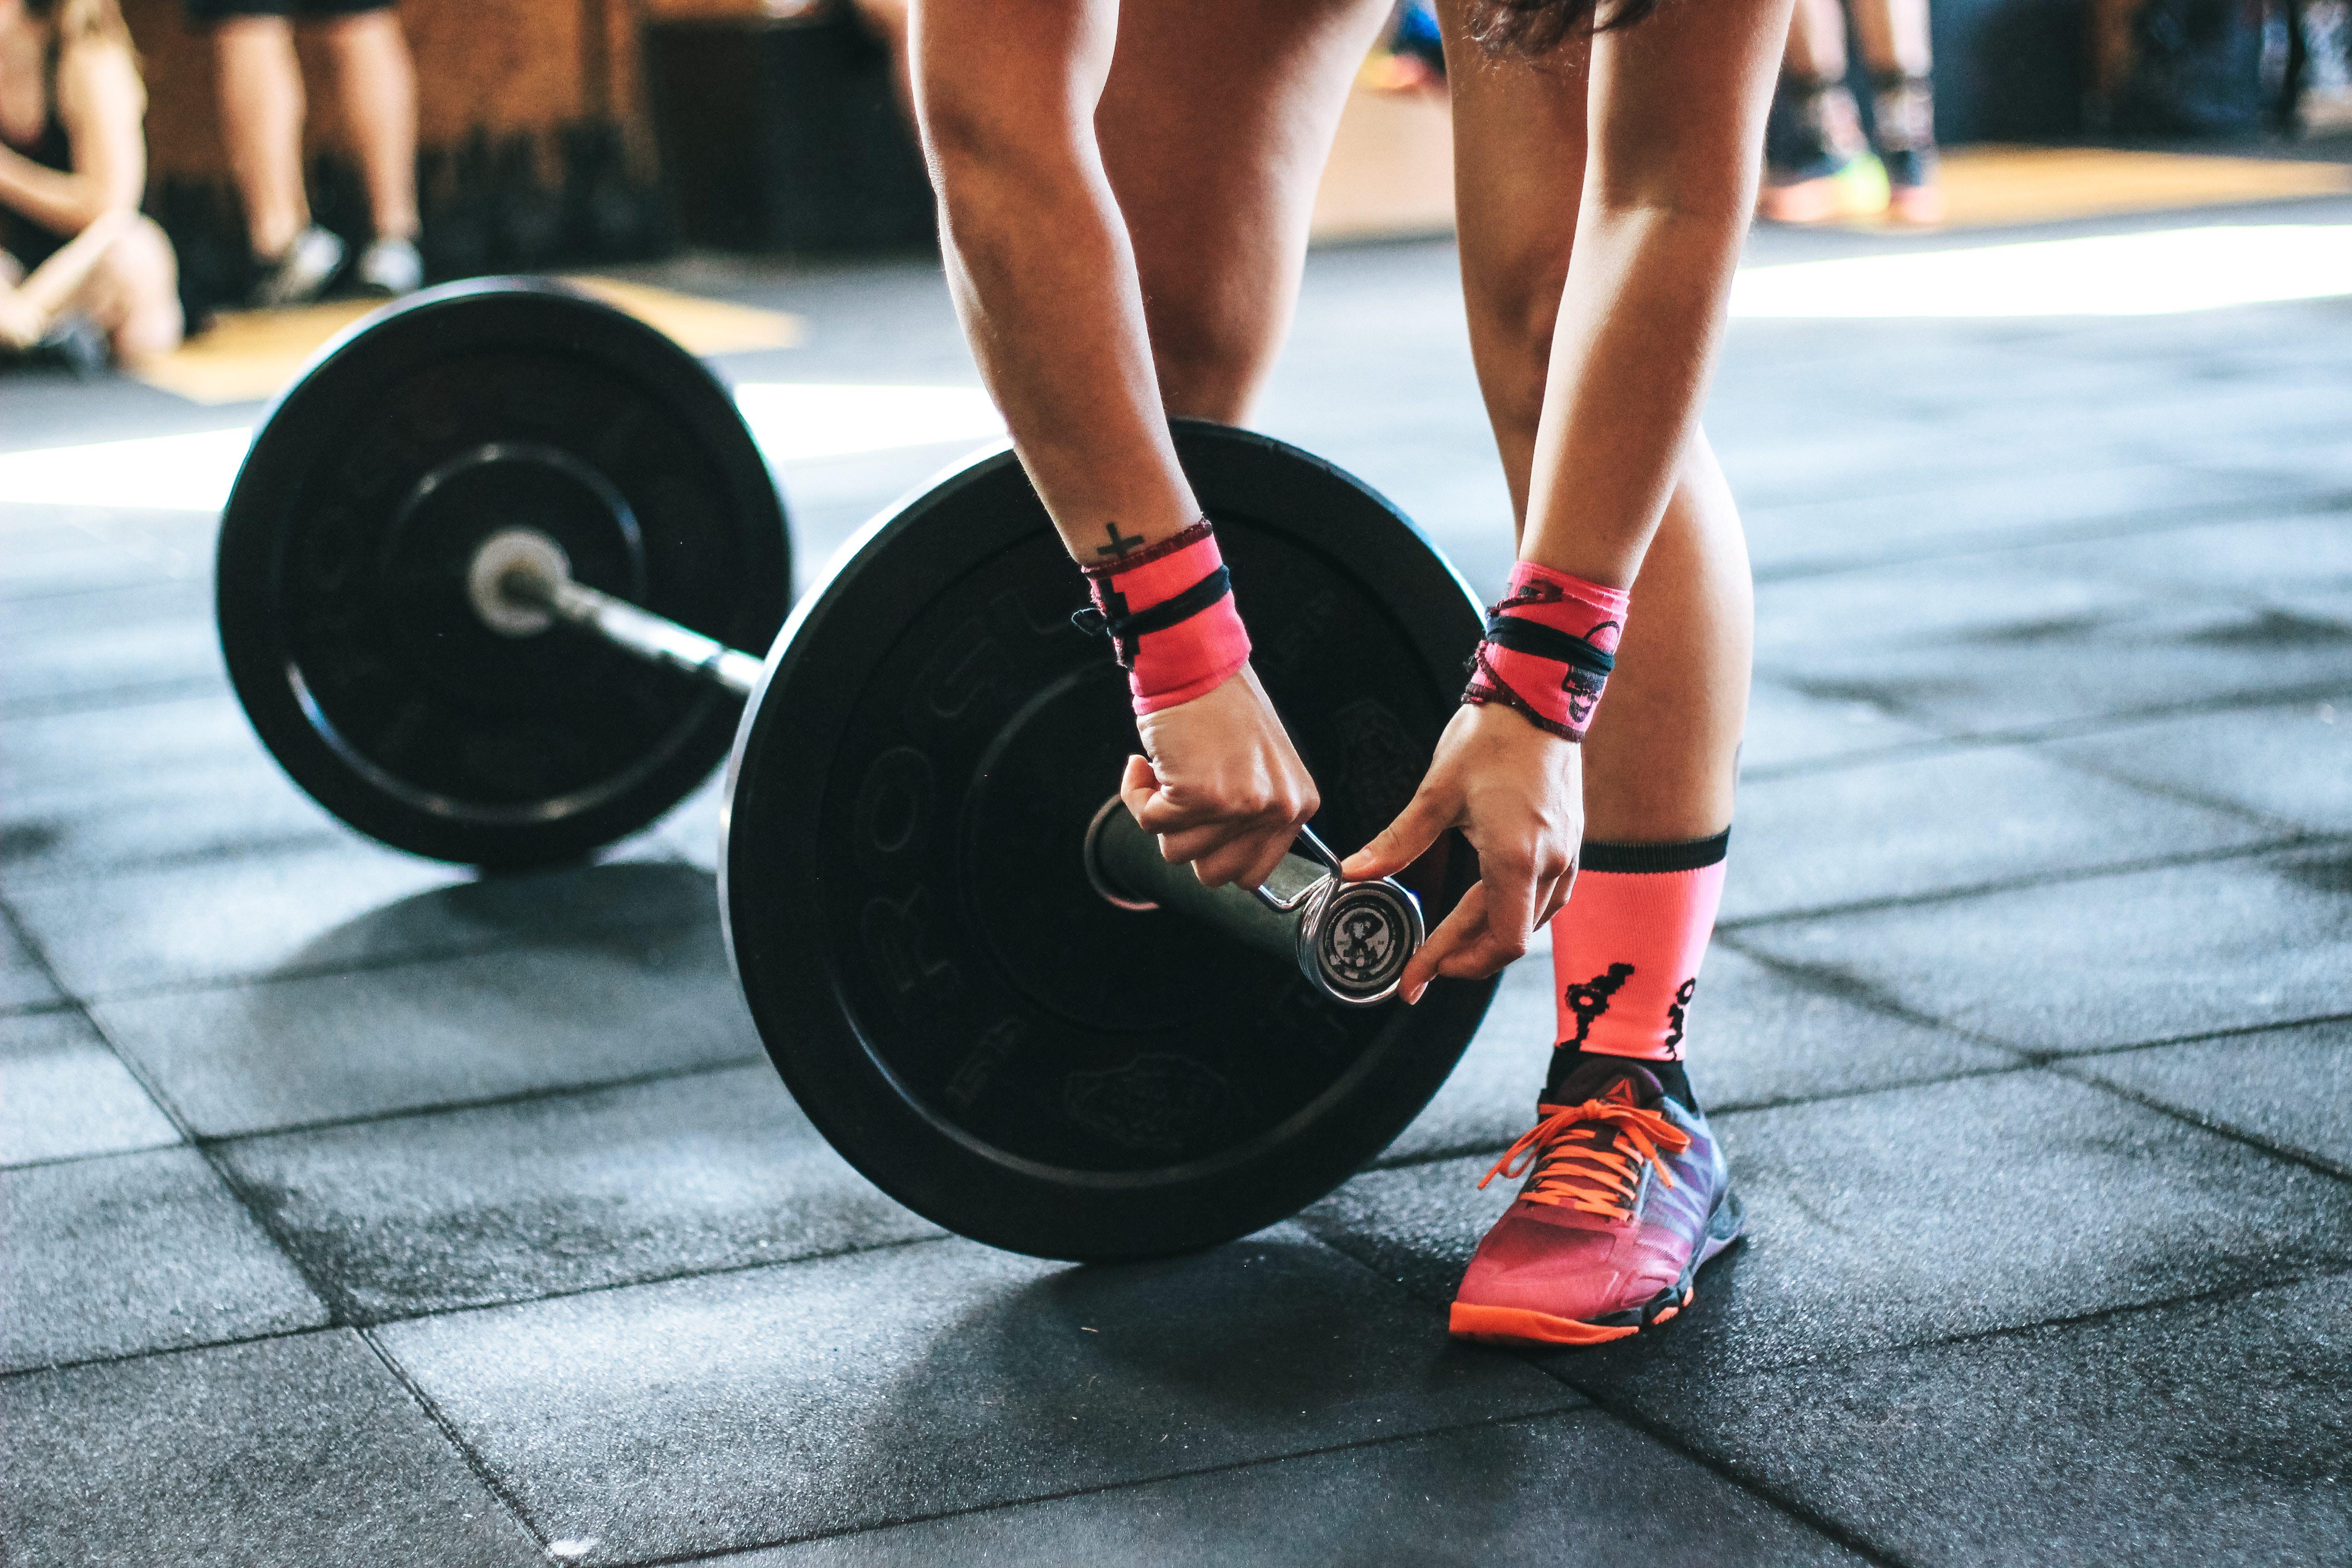 Eine Frau fixiert eine Gewichtsscheibe auf der Langhantel